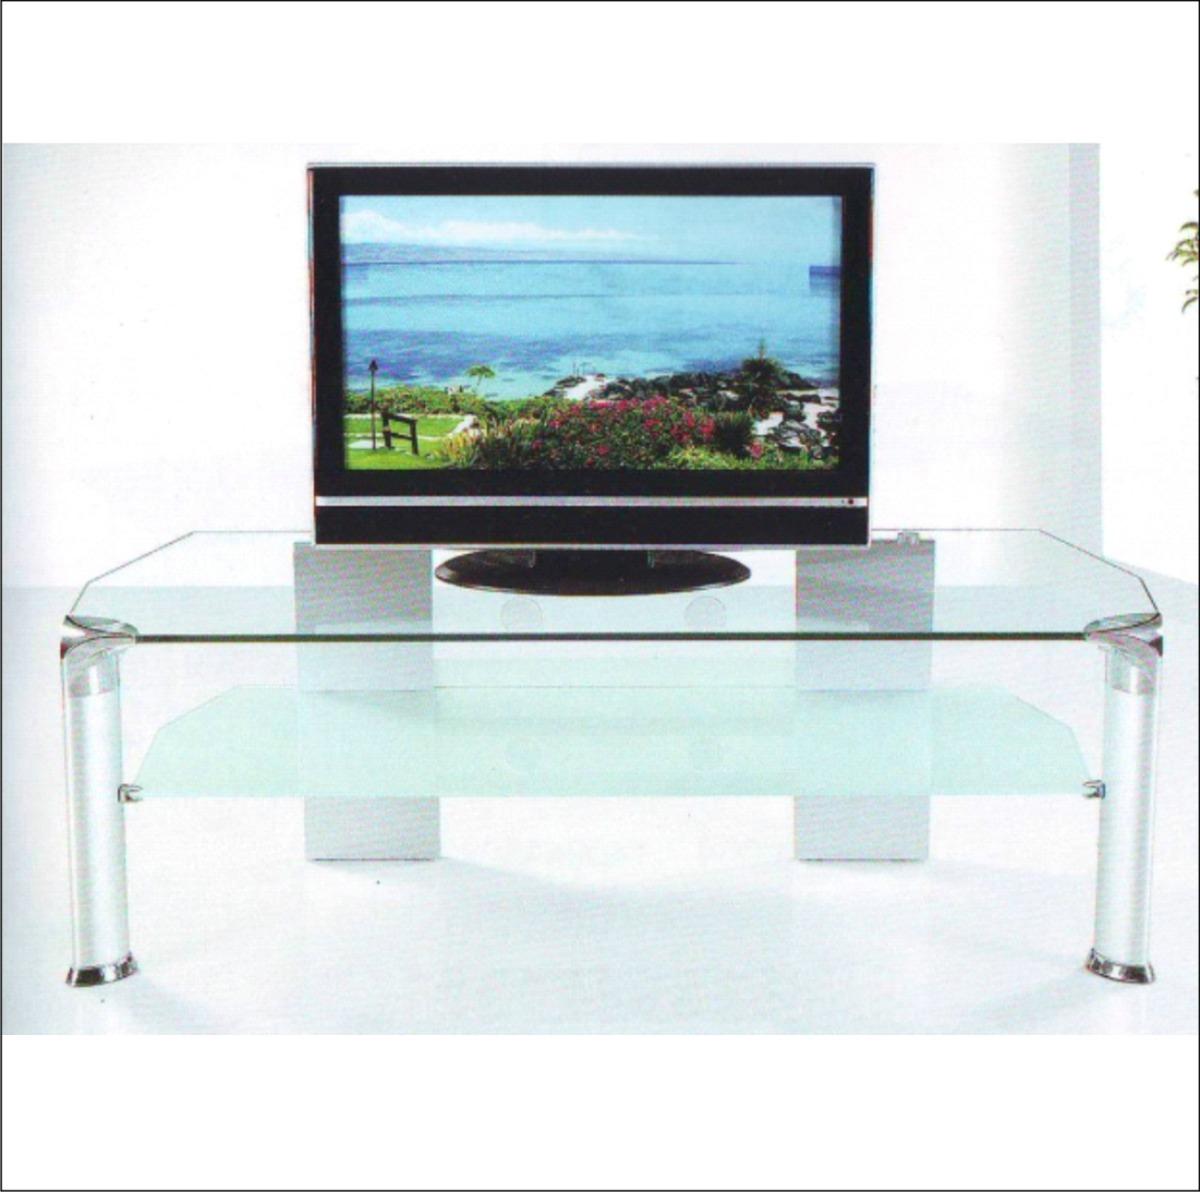 Muebles de vidrio templado 20170813182012 - Mueble tv plasma ...